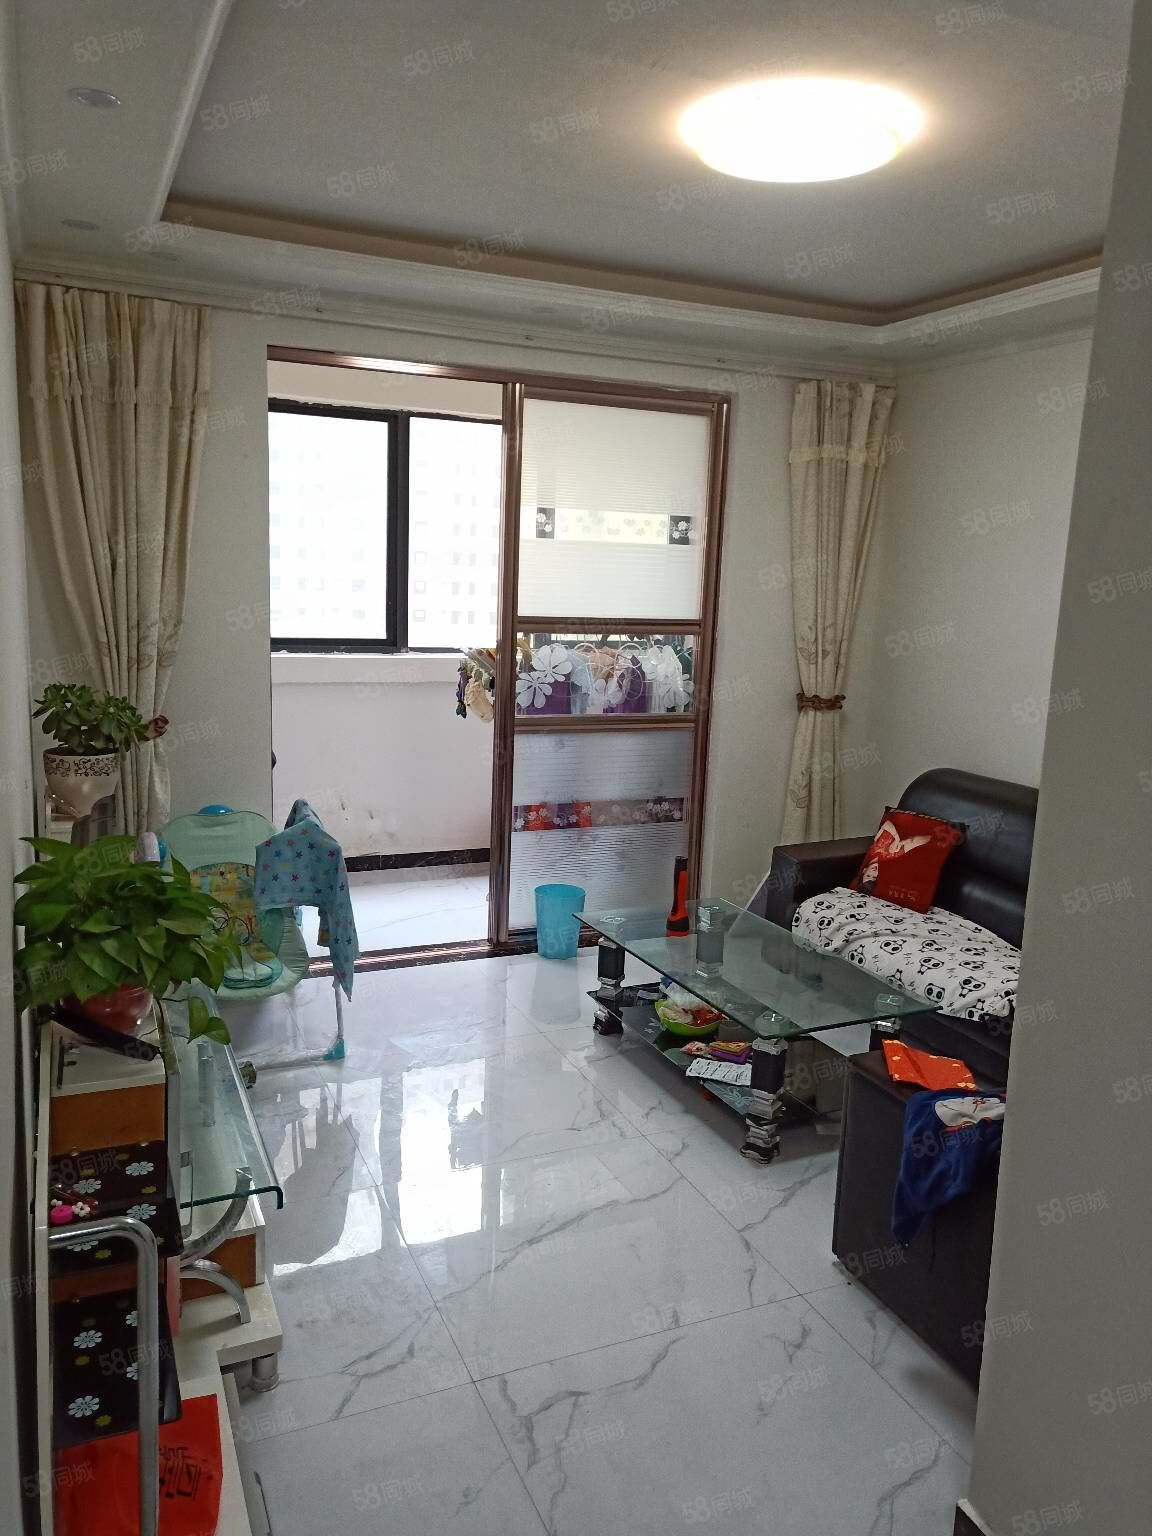 北关尚东国际安置小区,两室拎包入住